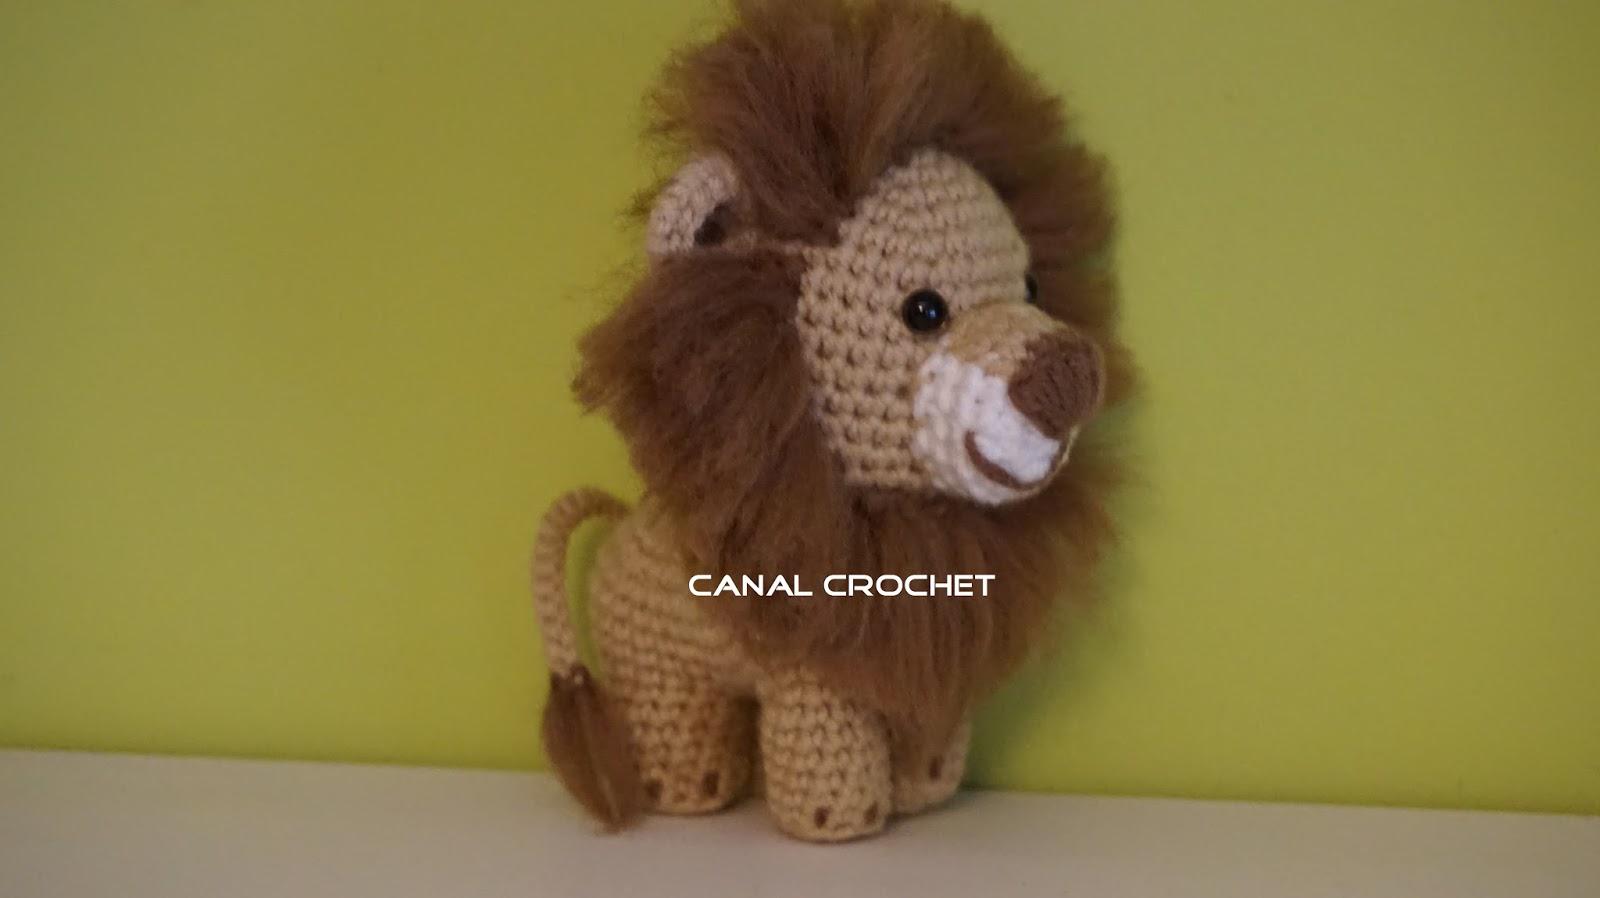 Osito Amigurumi Tutorial Canal Crochet : CANAL CROCHET: Leon amigurumi patron libre.